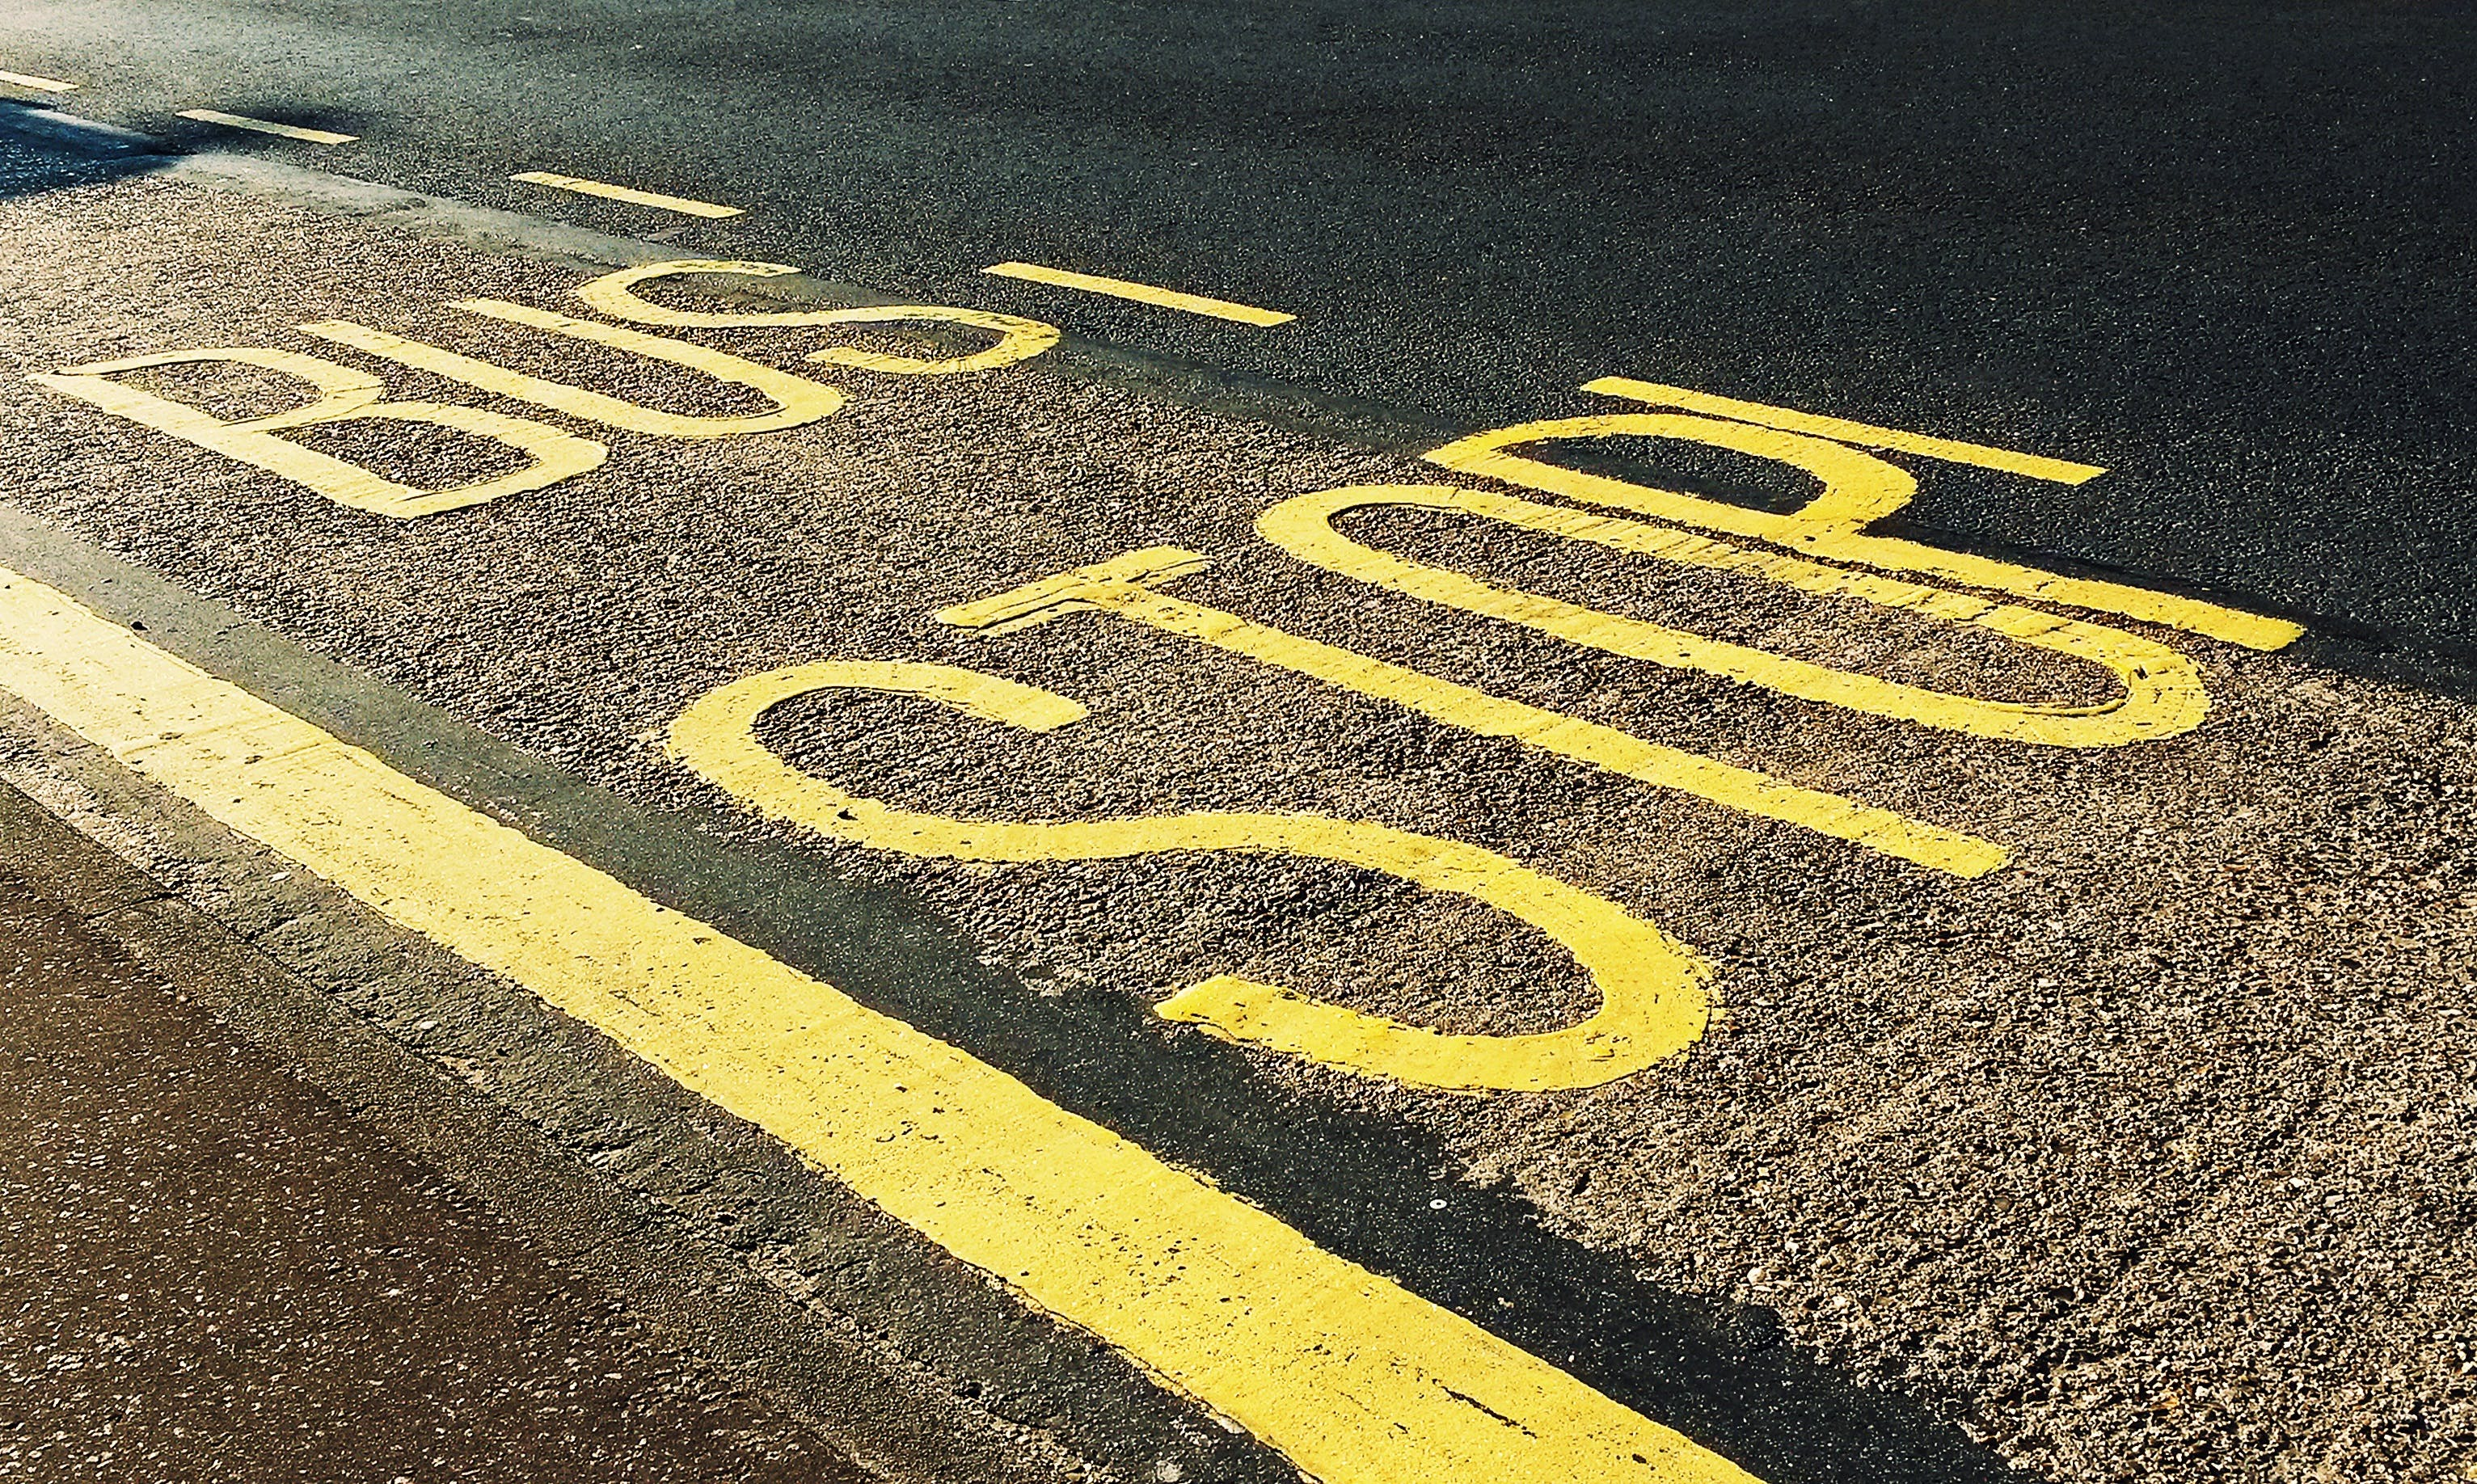 停, 停止標誌, 公車站, 小路 的 免费素材照片